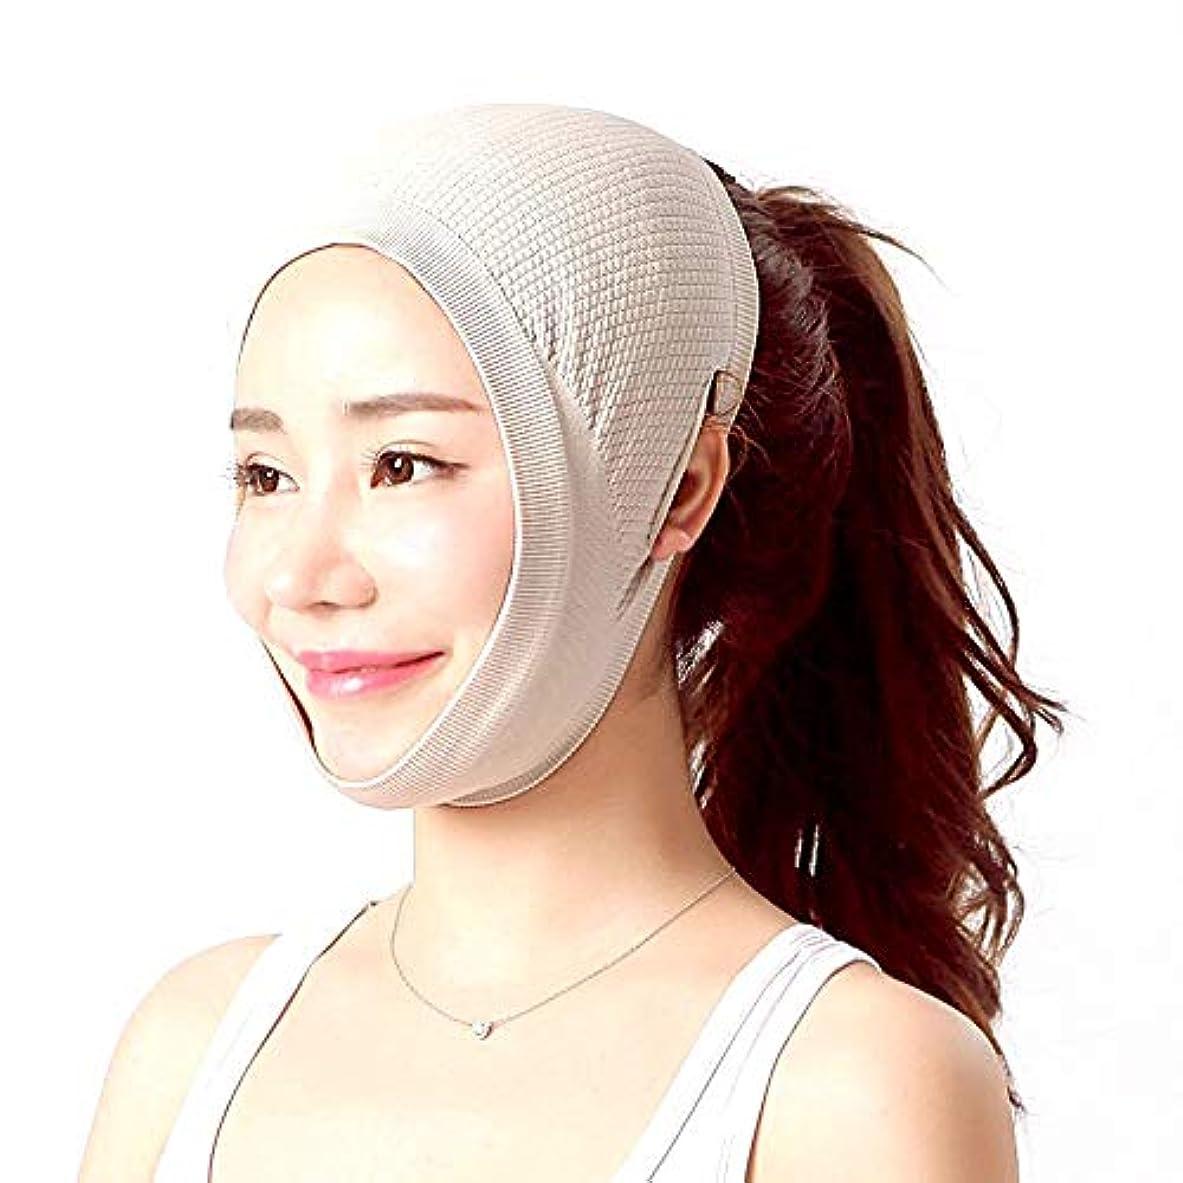 象寛容アフリカ人Jia Jia- フェイスリフティングアーティファクト包帯ライン術後回復包帯リフティングフェイスフードVフェイス包帯リフティングVフェイス美容マスク - 肌のトーン 顔面包帯